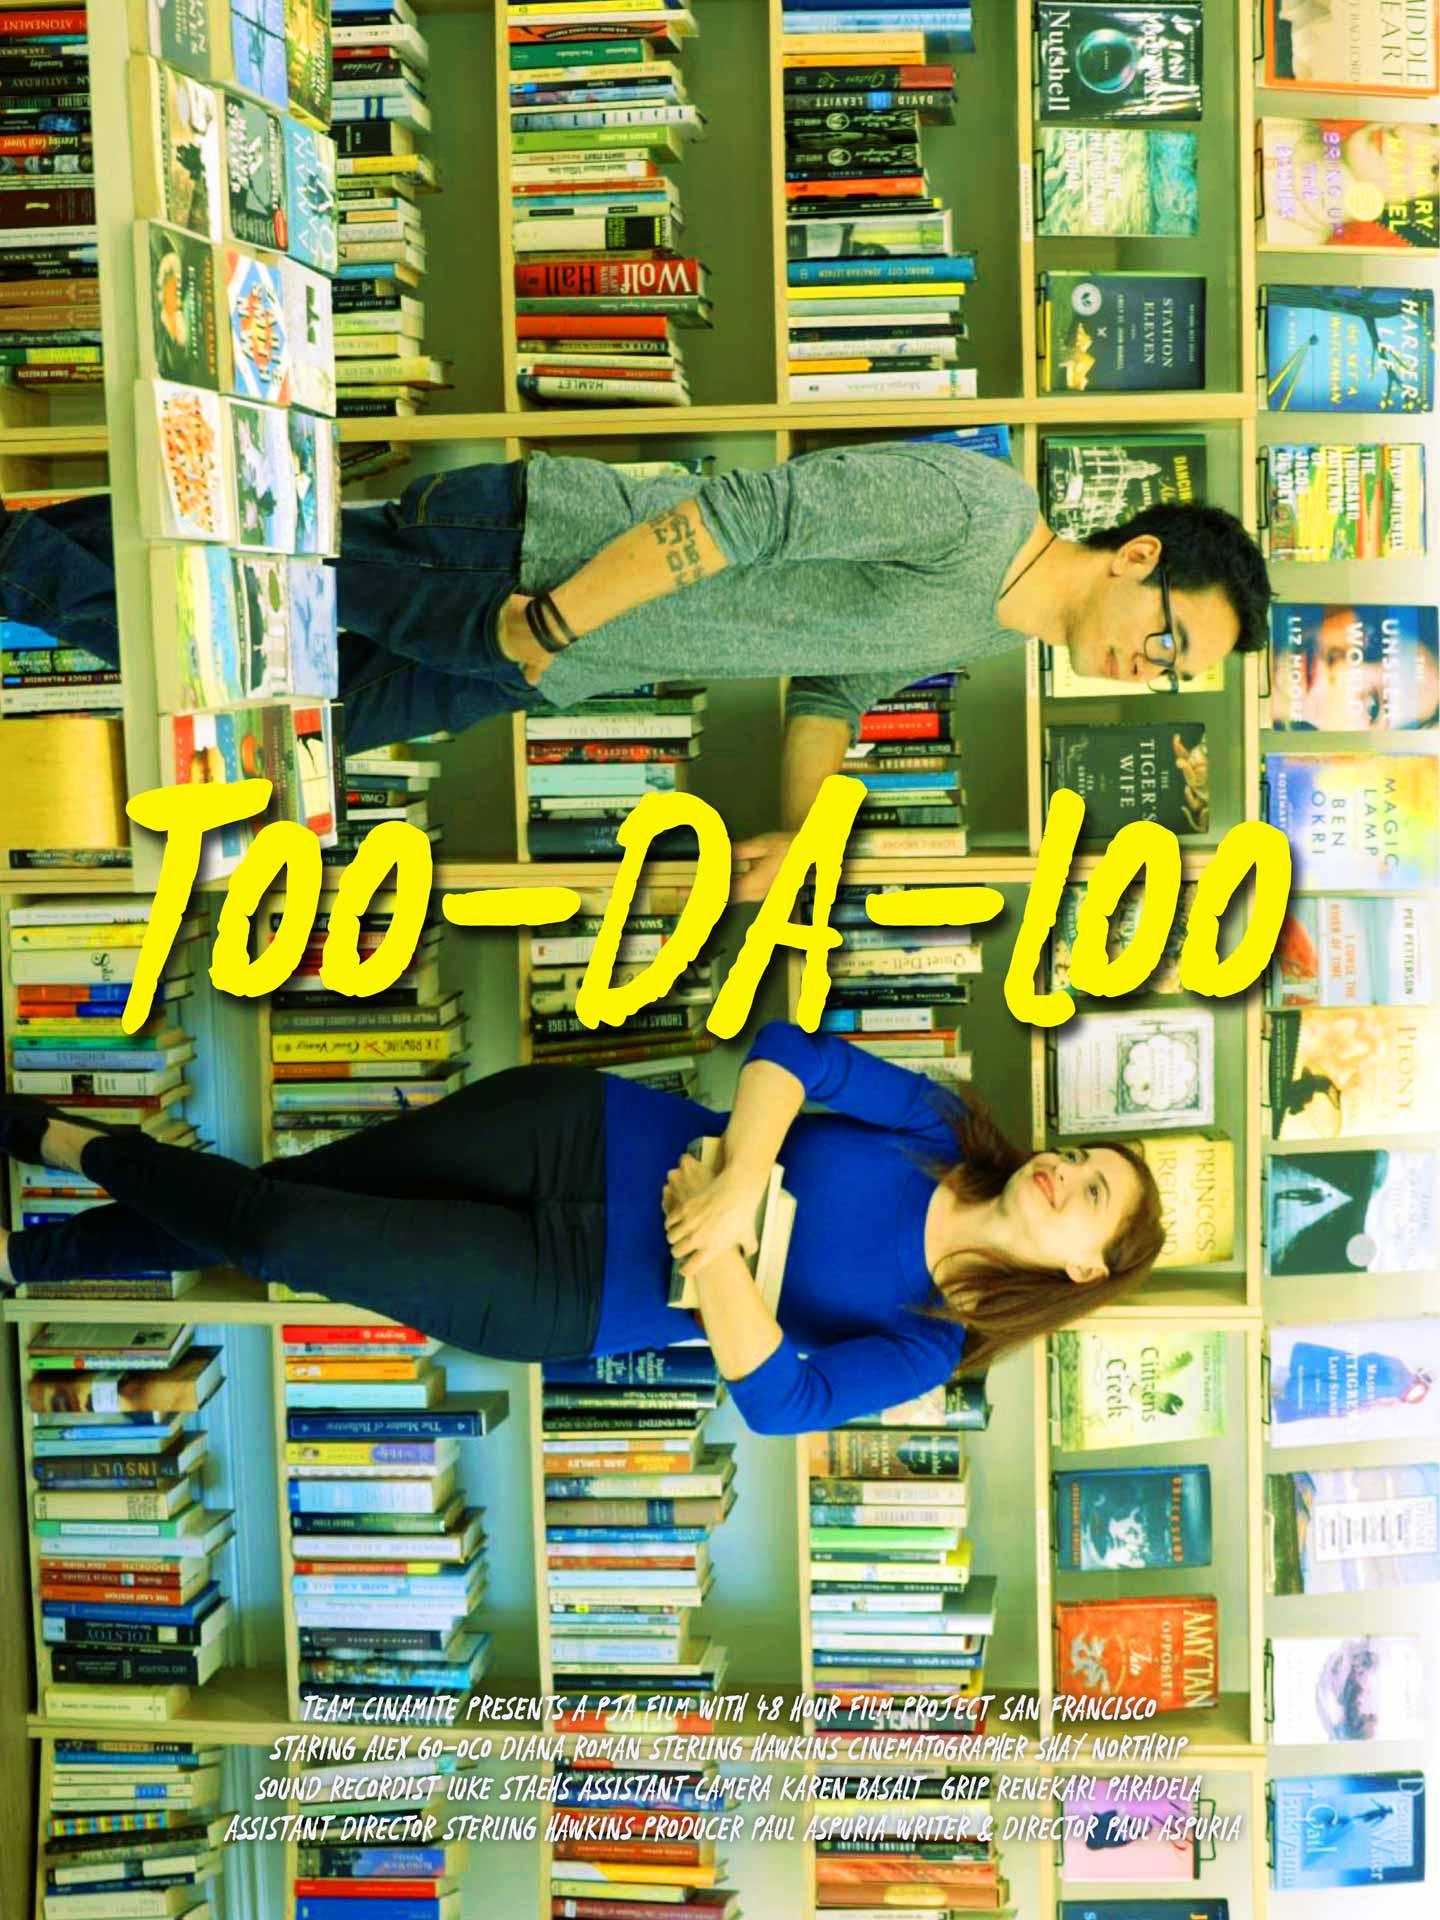 Too-da-loo_poster